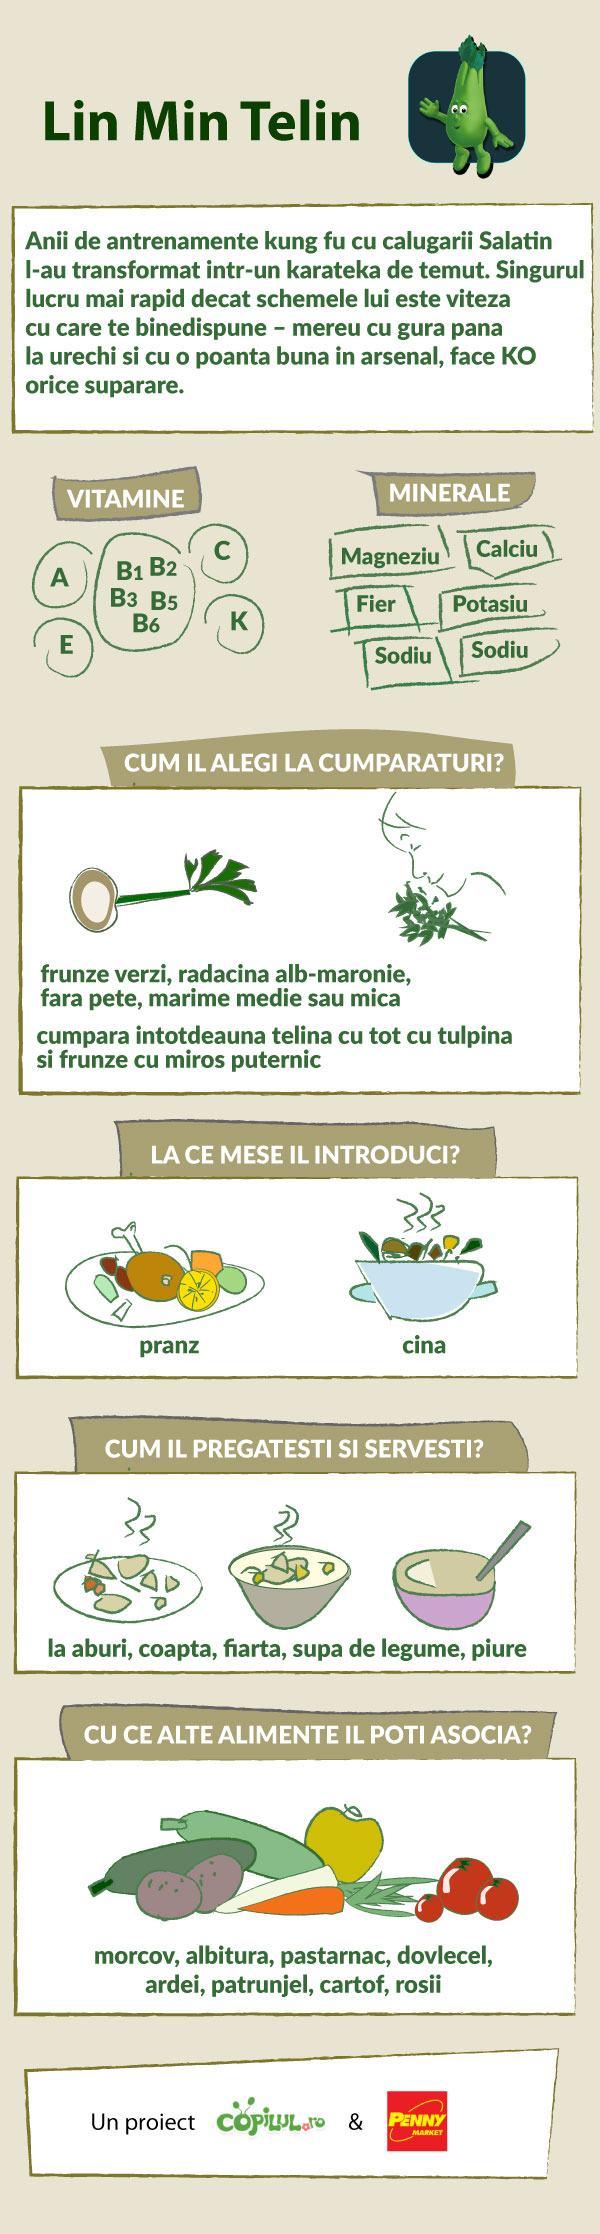 telina_infografic_Lin_Min_Telin